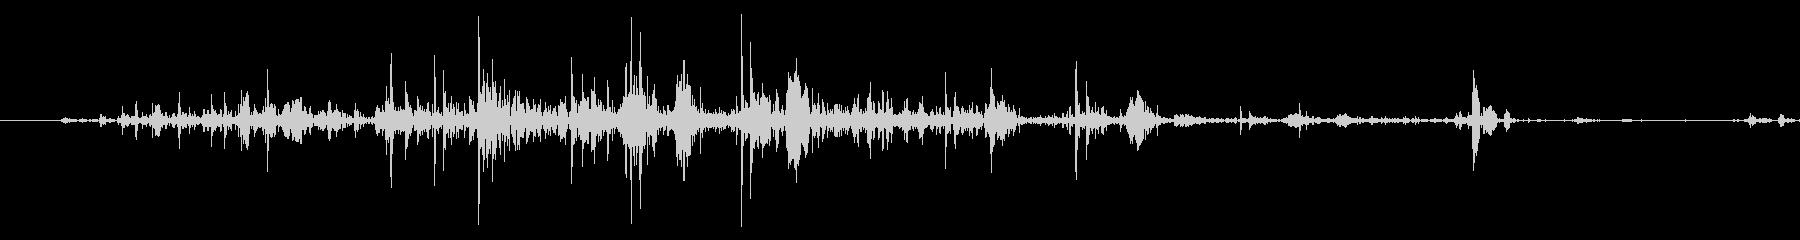 ネバネバ、ヌメヌメとした不気味な音B#2の未再生の波形